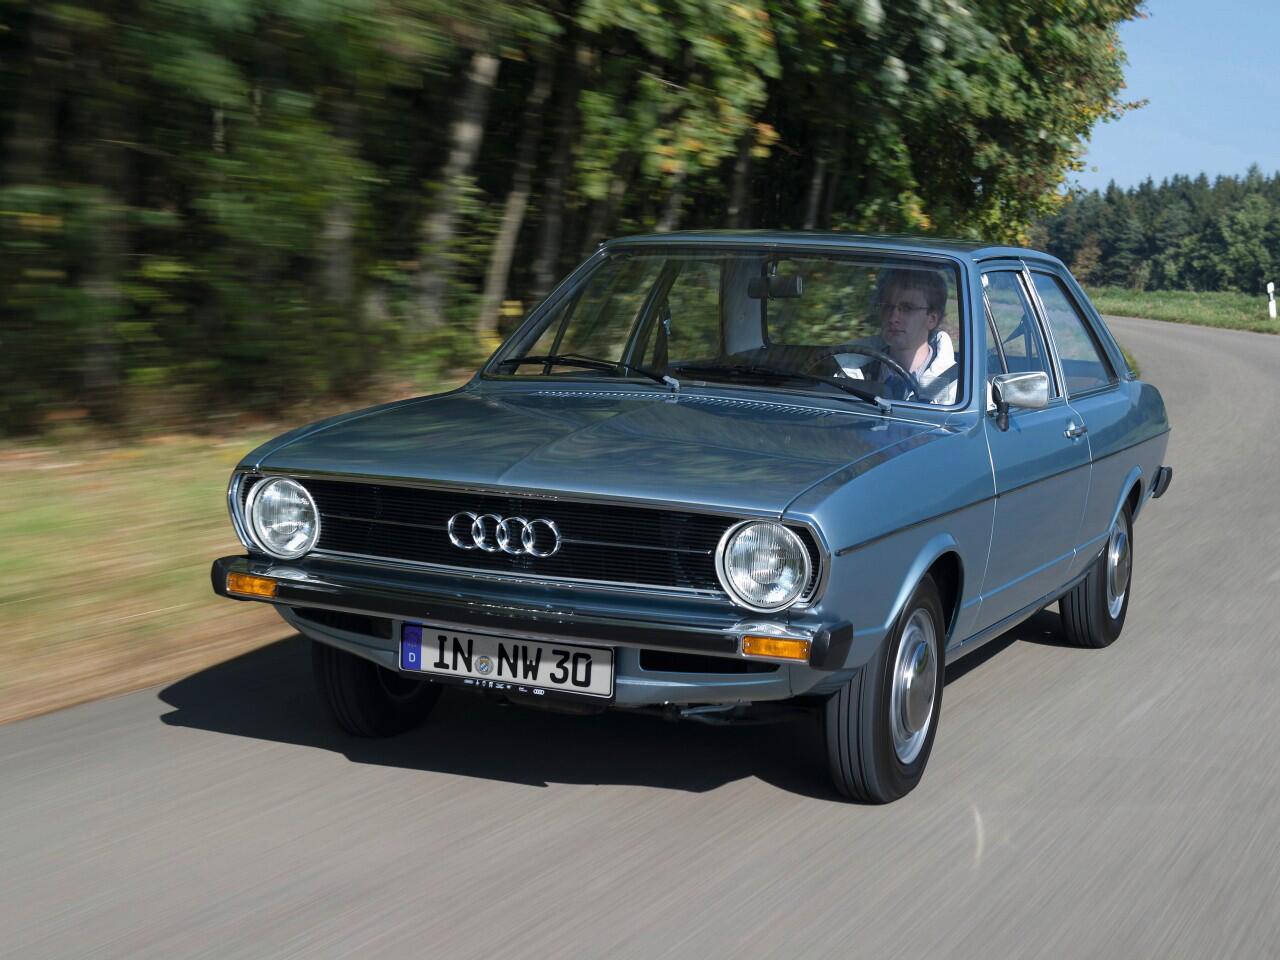 Bild zu Diese Mittelklasse-Limousine prägte das Straßenbild der 70er und 80er: der Audi 80